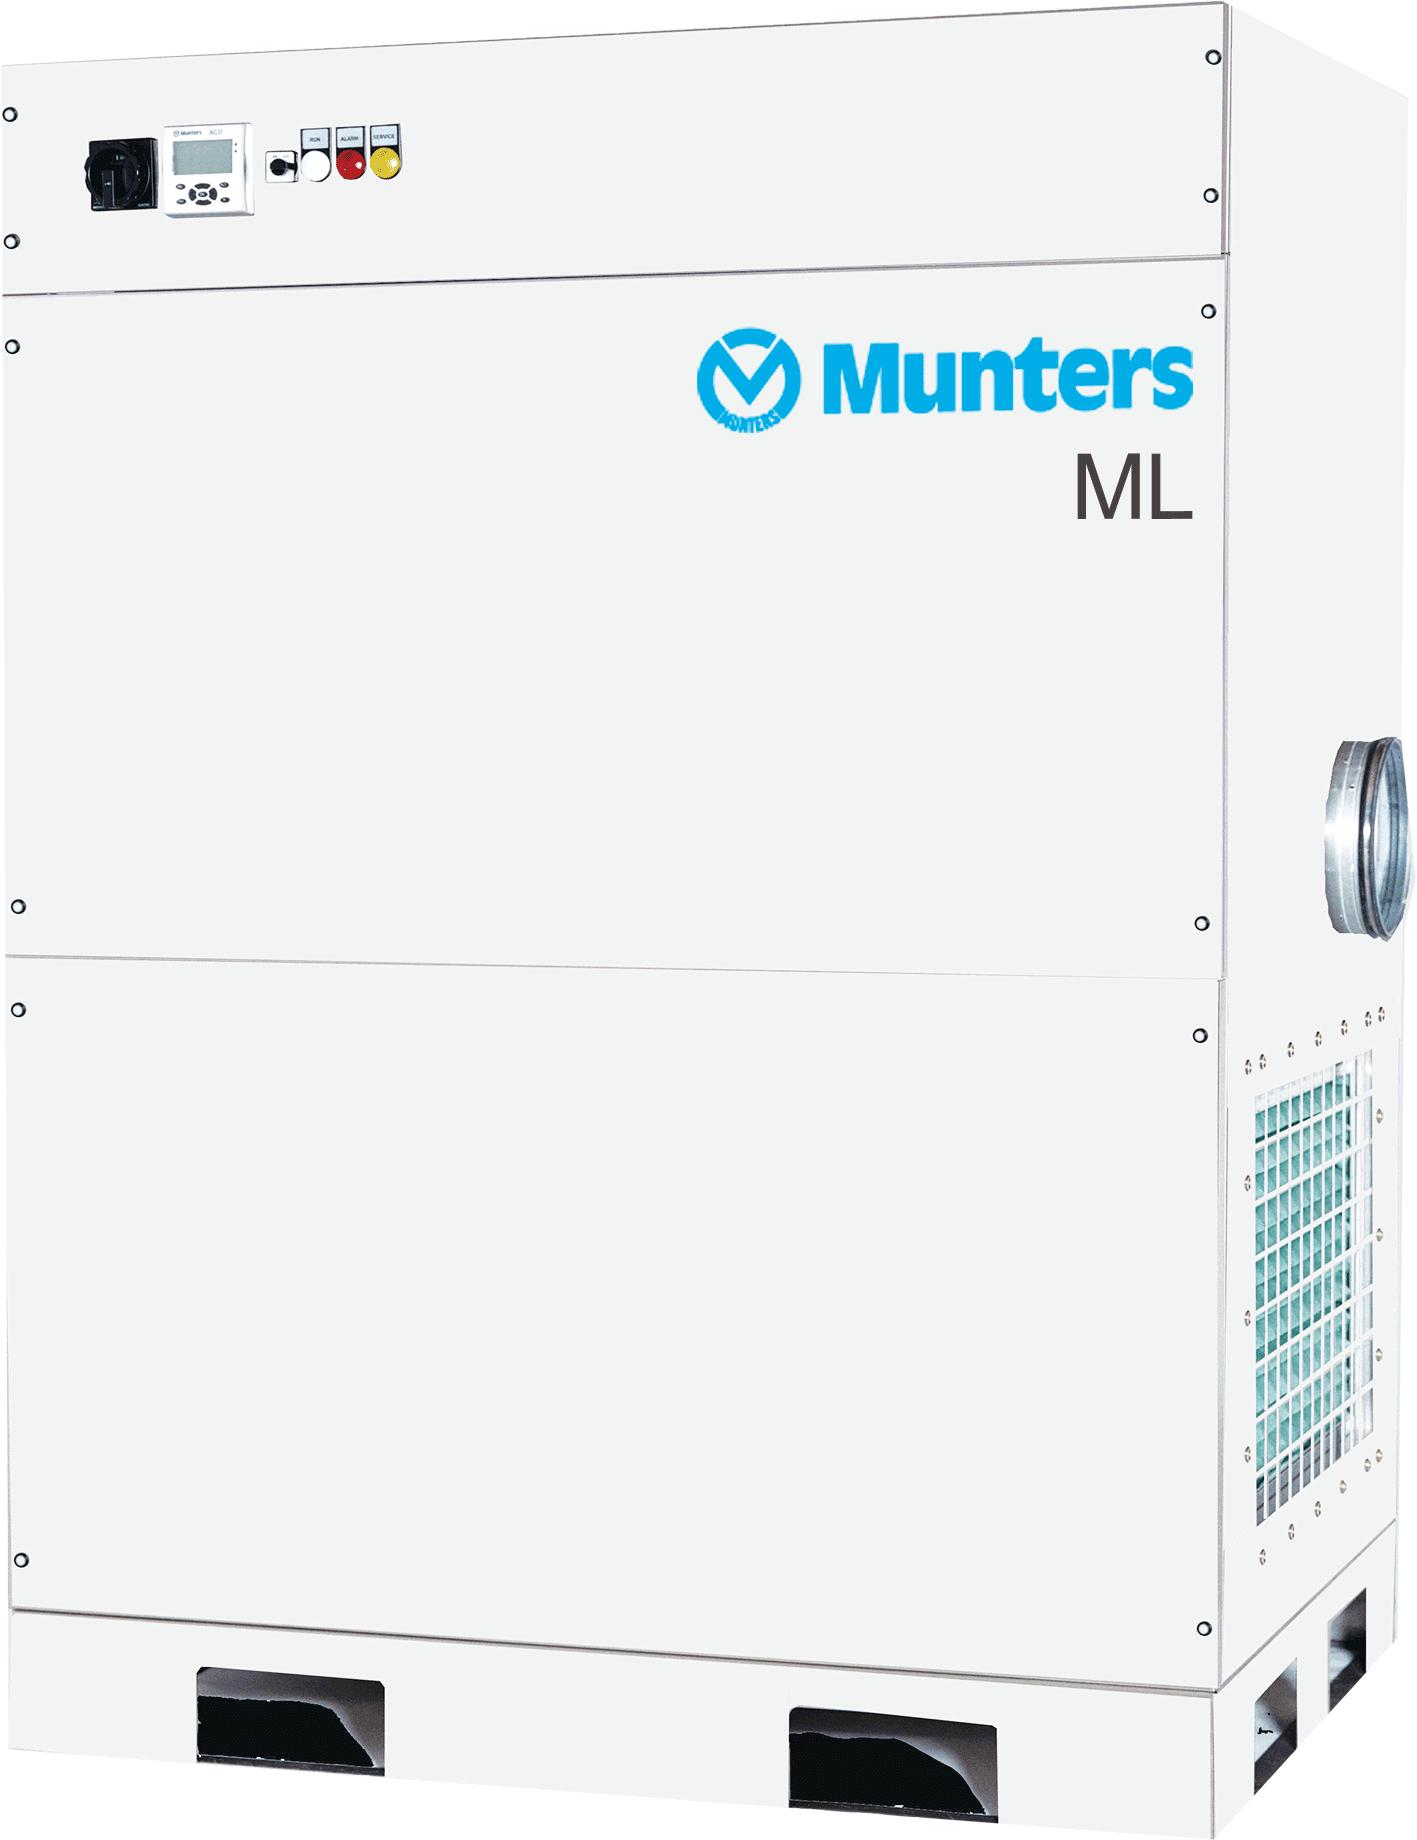 ml17 products munters rh munters com Manuals in PDF Manuals in PDF